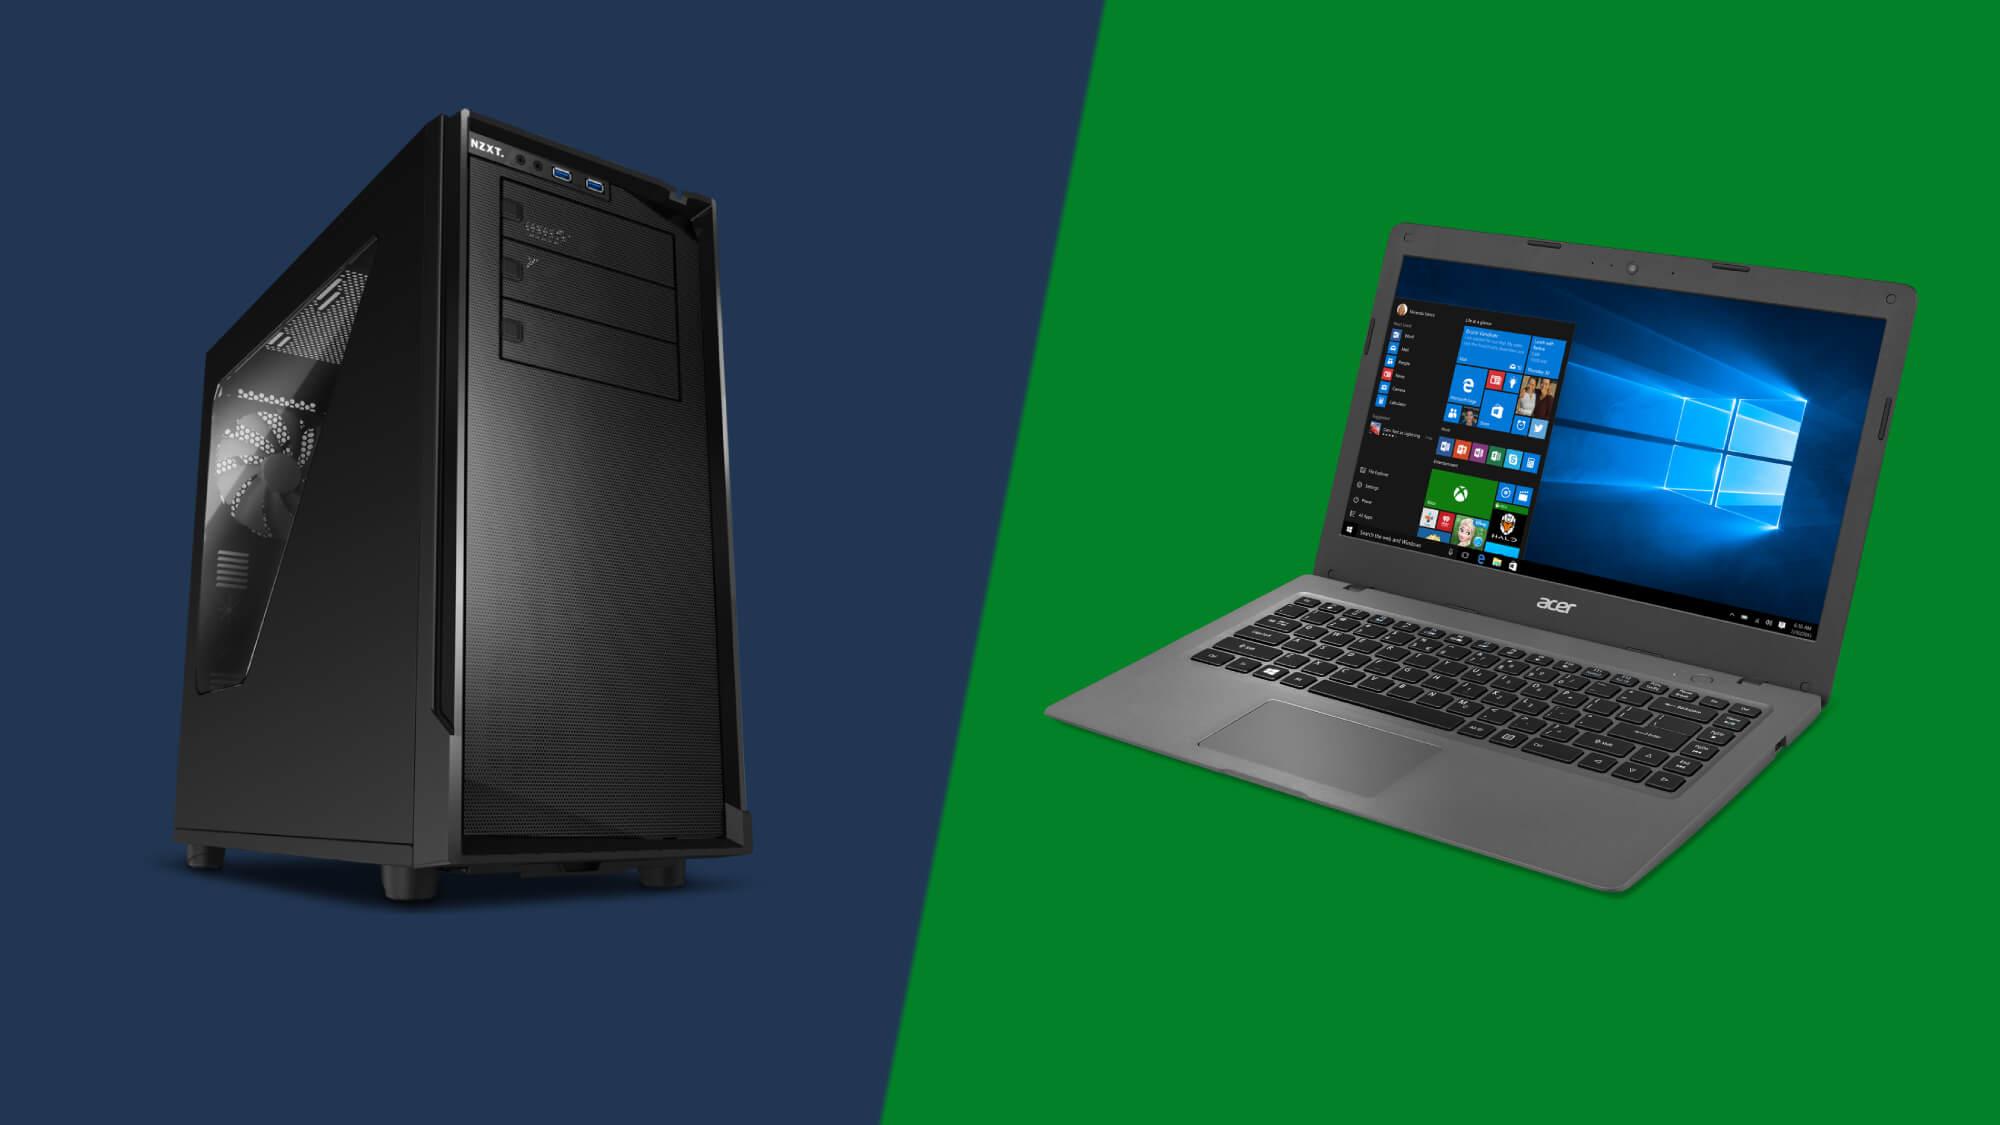 Ноутбук або настільний комп'ютер: що краще?